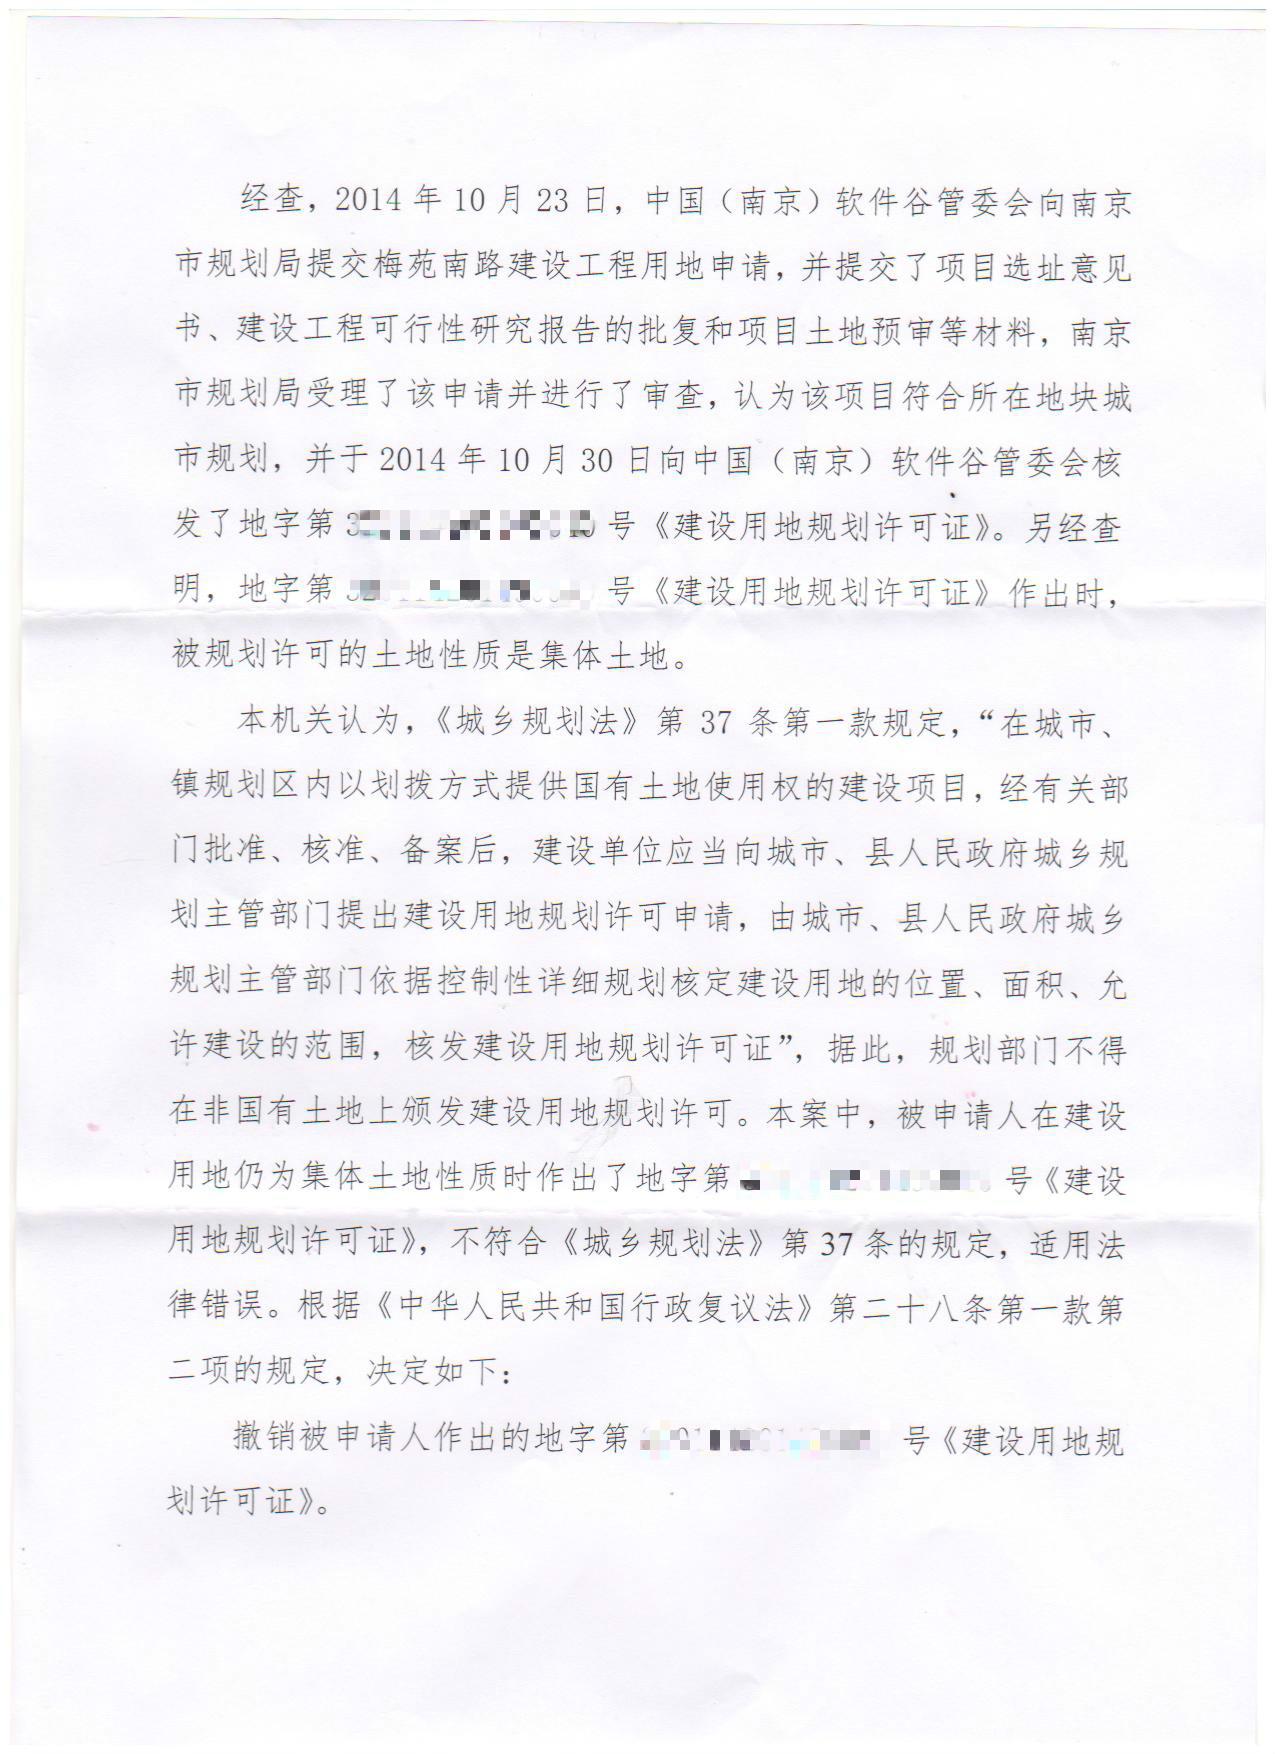 """江苏南京::""""违法建筑"""",万典律师力挽狂澜,为企业争得满意补偿"""